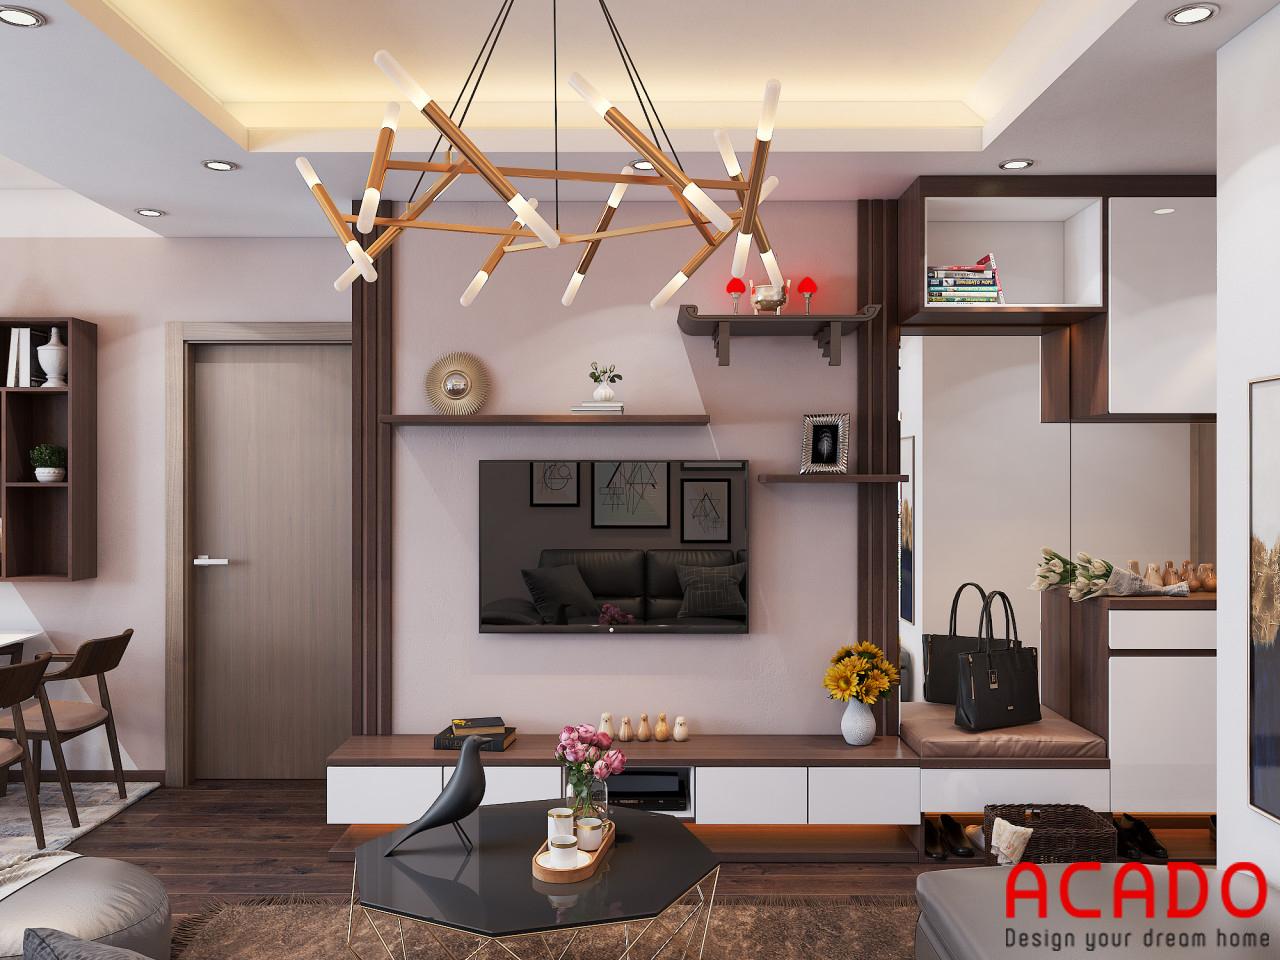 Thiết kế phòng khách với kệ tivi kết hợp tủ trang trí hiện đại, trẻ trung - thiết kế nội thất chung cư 80m2